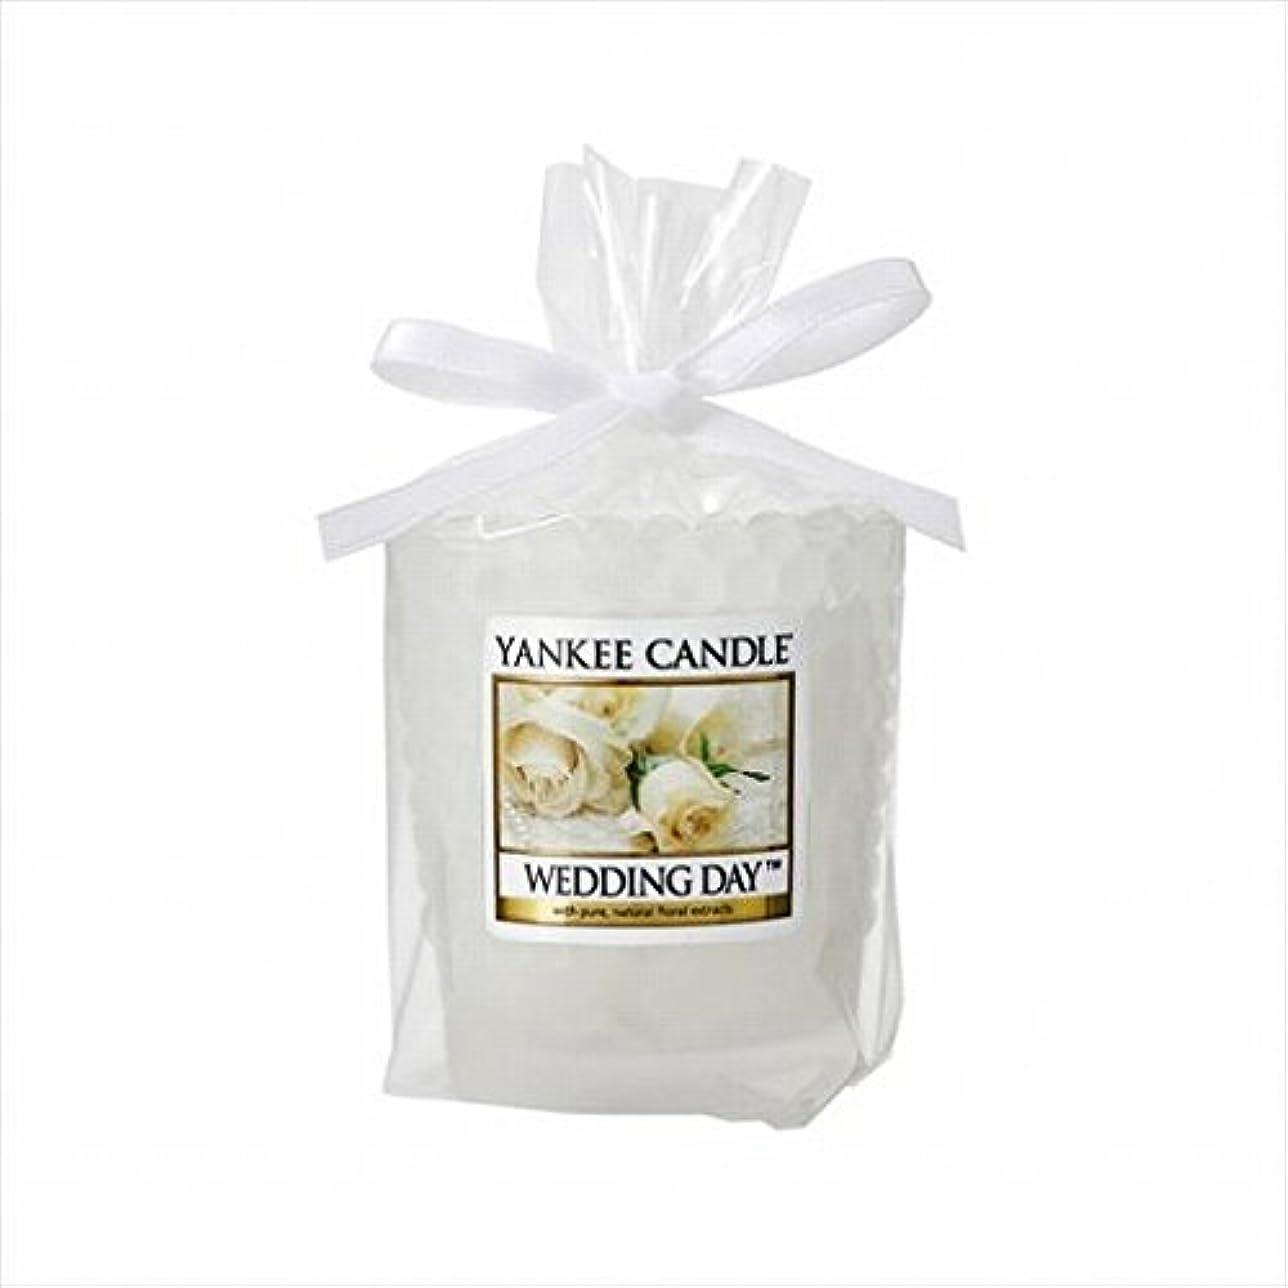 困惑眉有罪カメヤマキャンドル(kameyama candle) YANKEE CANDLE サンプラーギフト 「 ウェディングデイ 」 6個セット